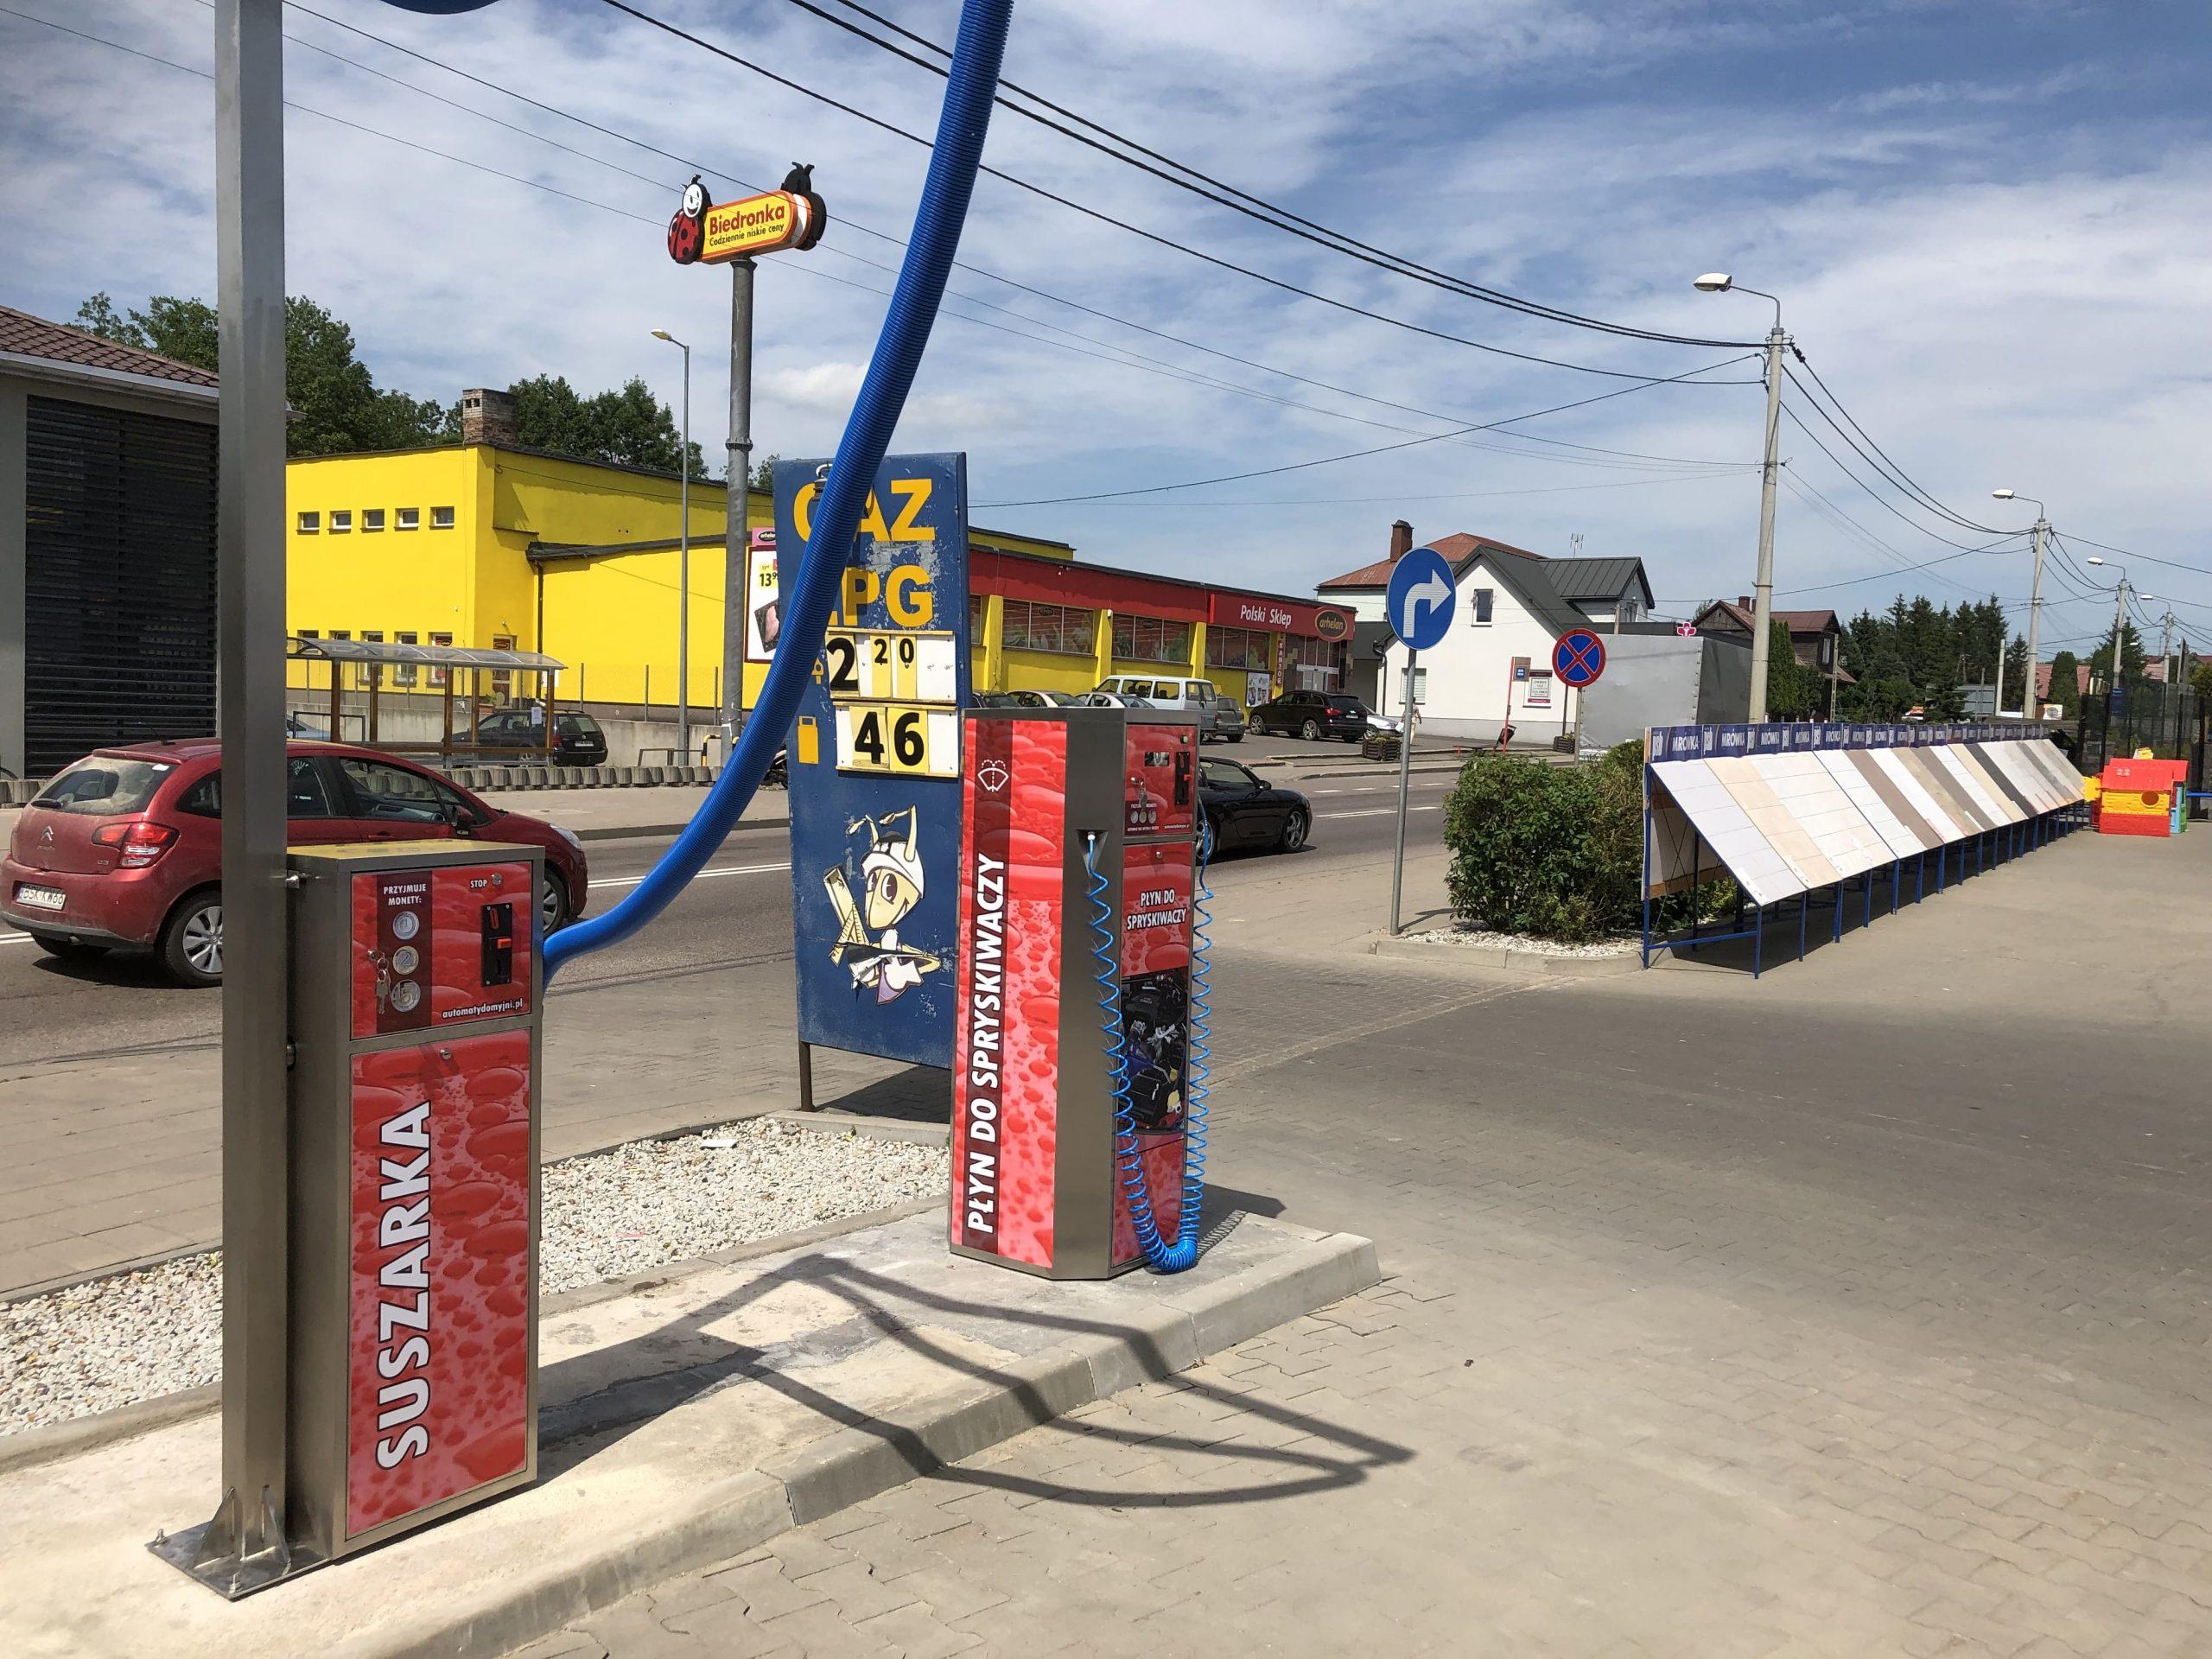 suszarka, dystrybutor płynu do spryskiwaczy do myjni samochodowej- Sokółka